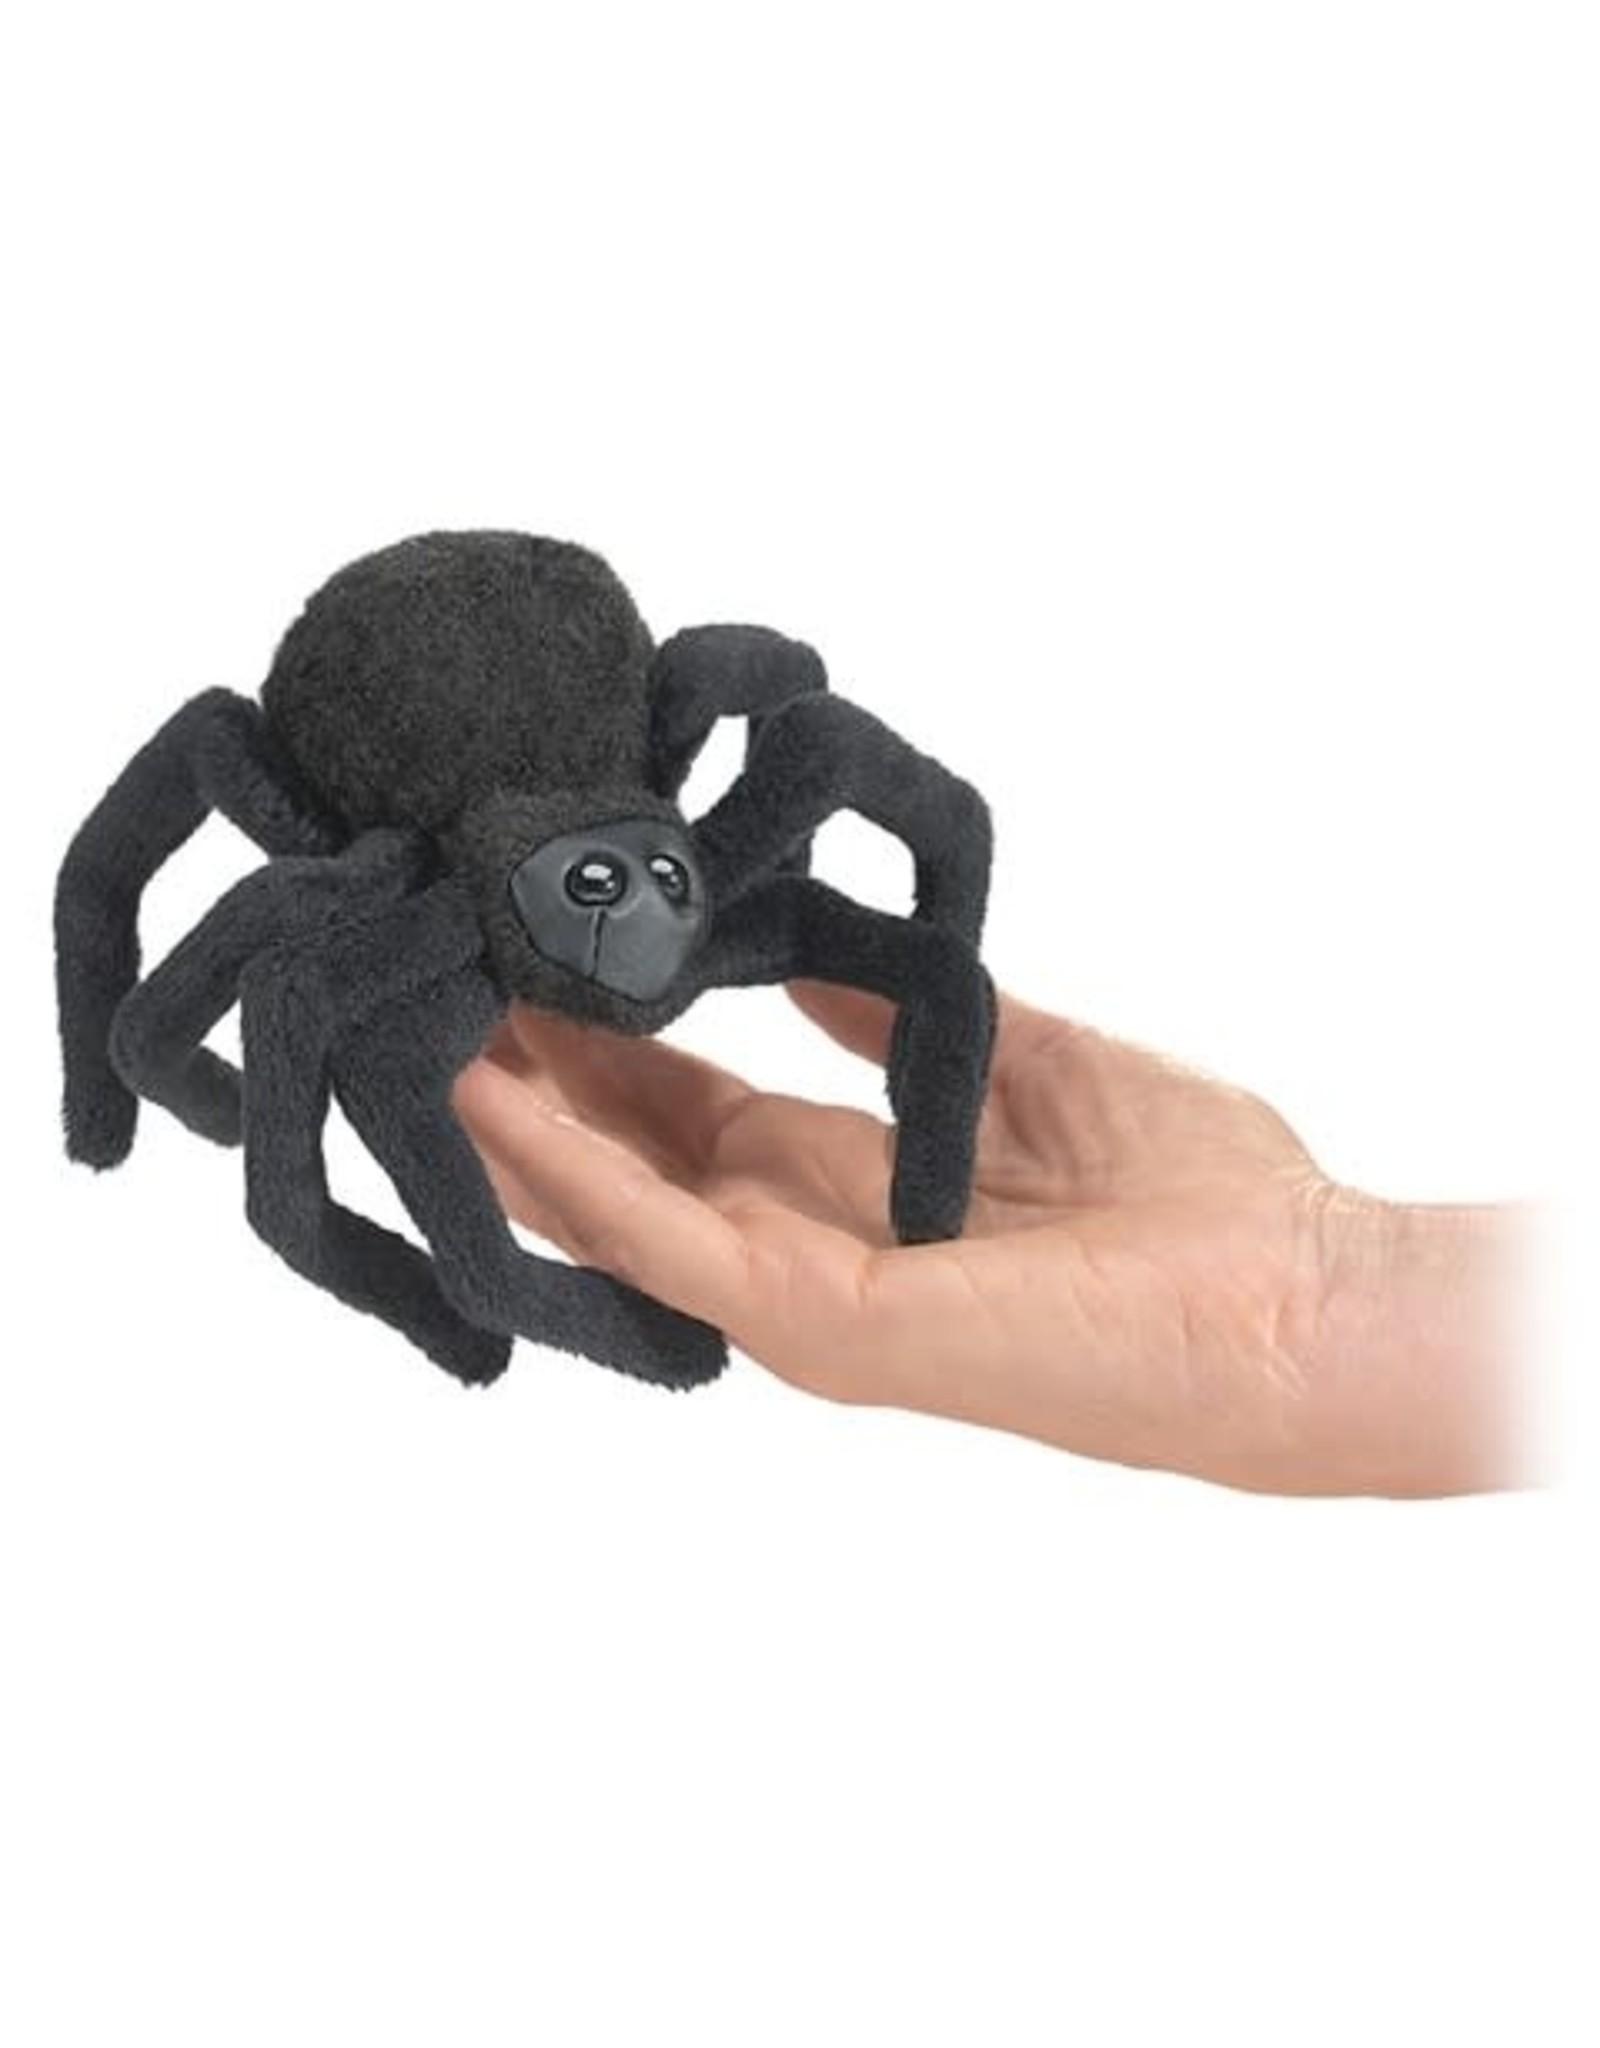 Folkmanis Folkmanis Mini Spider Finger Puppet